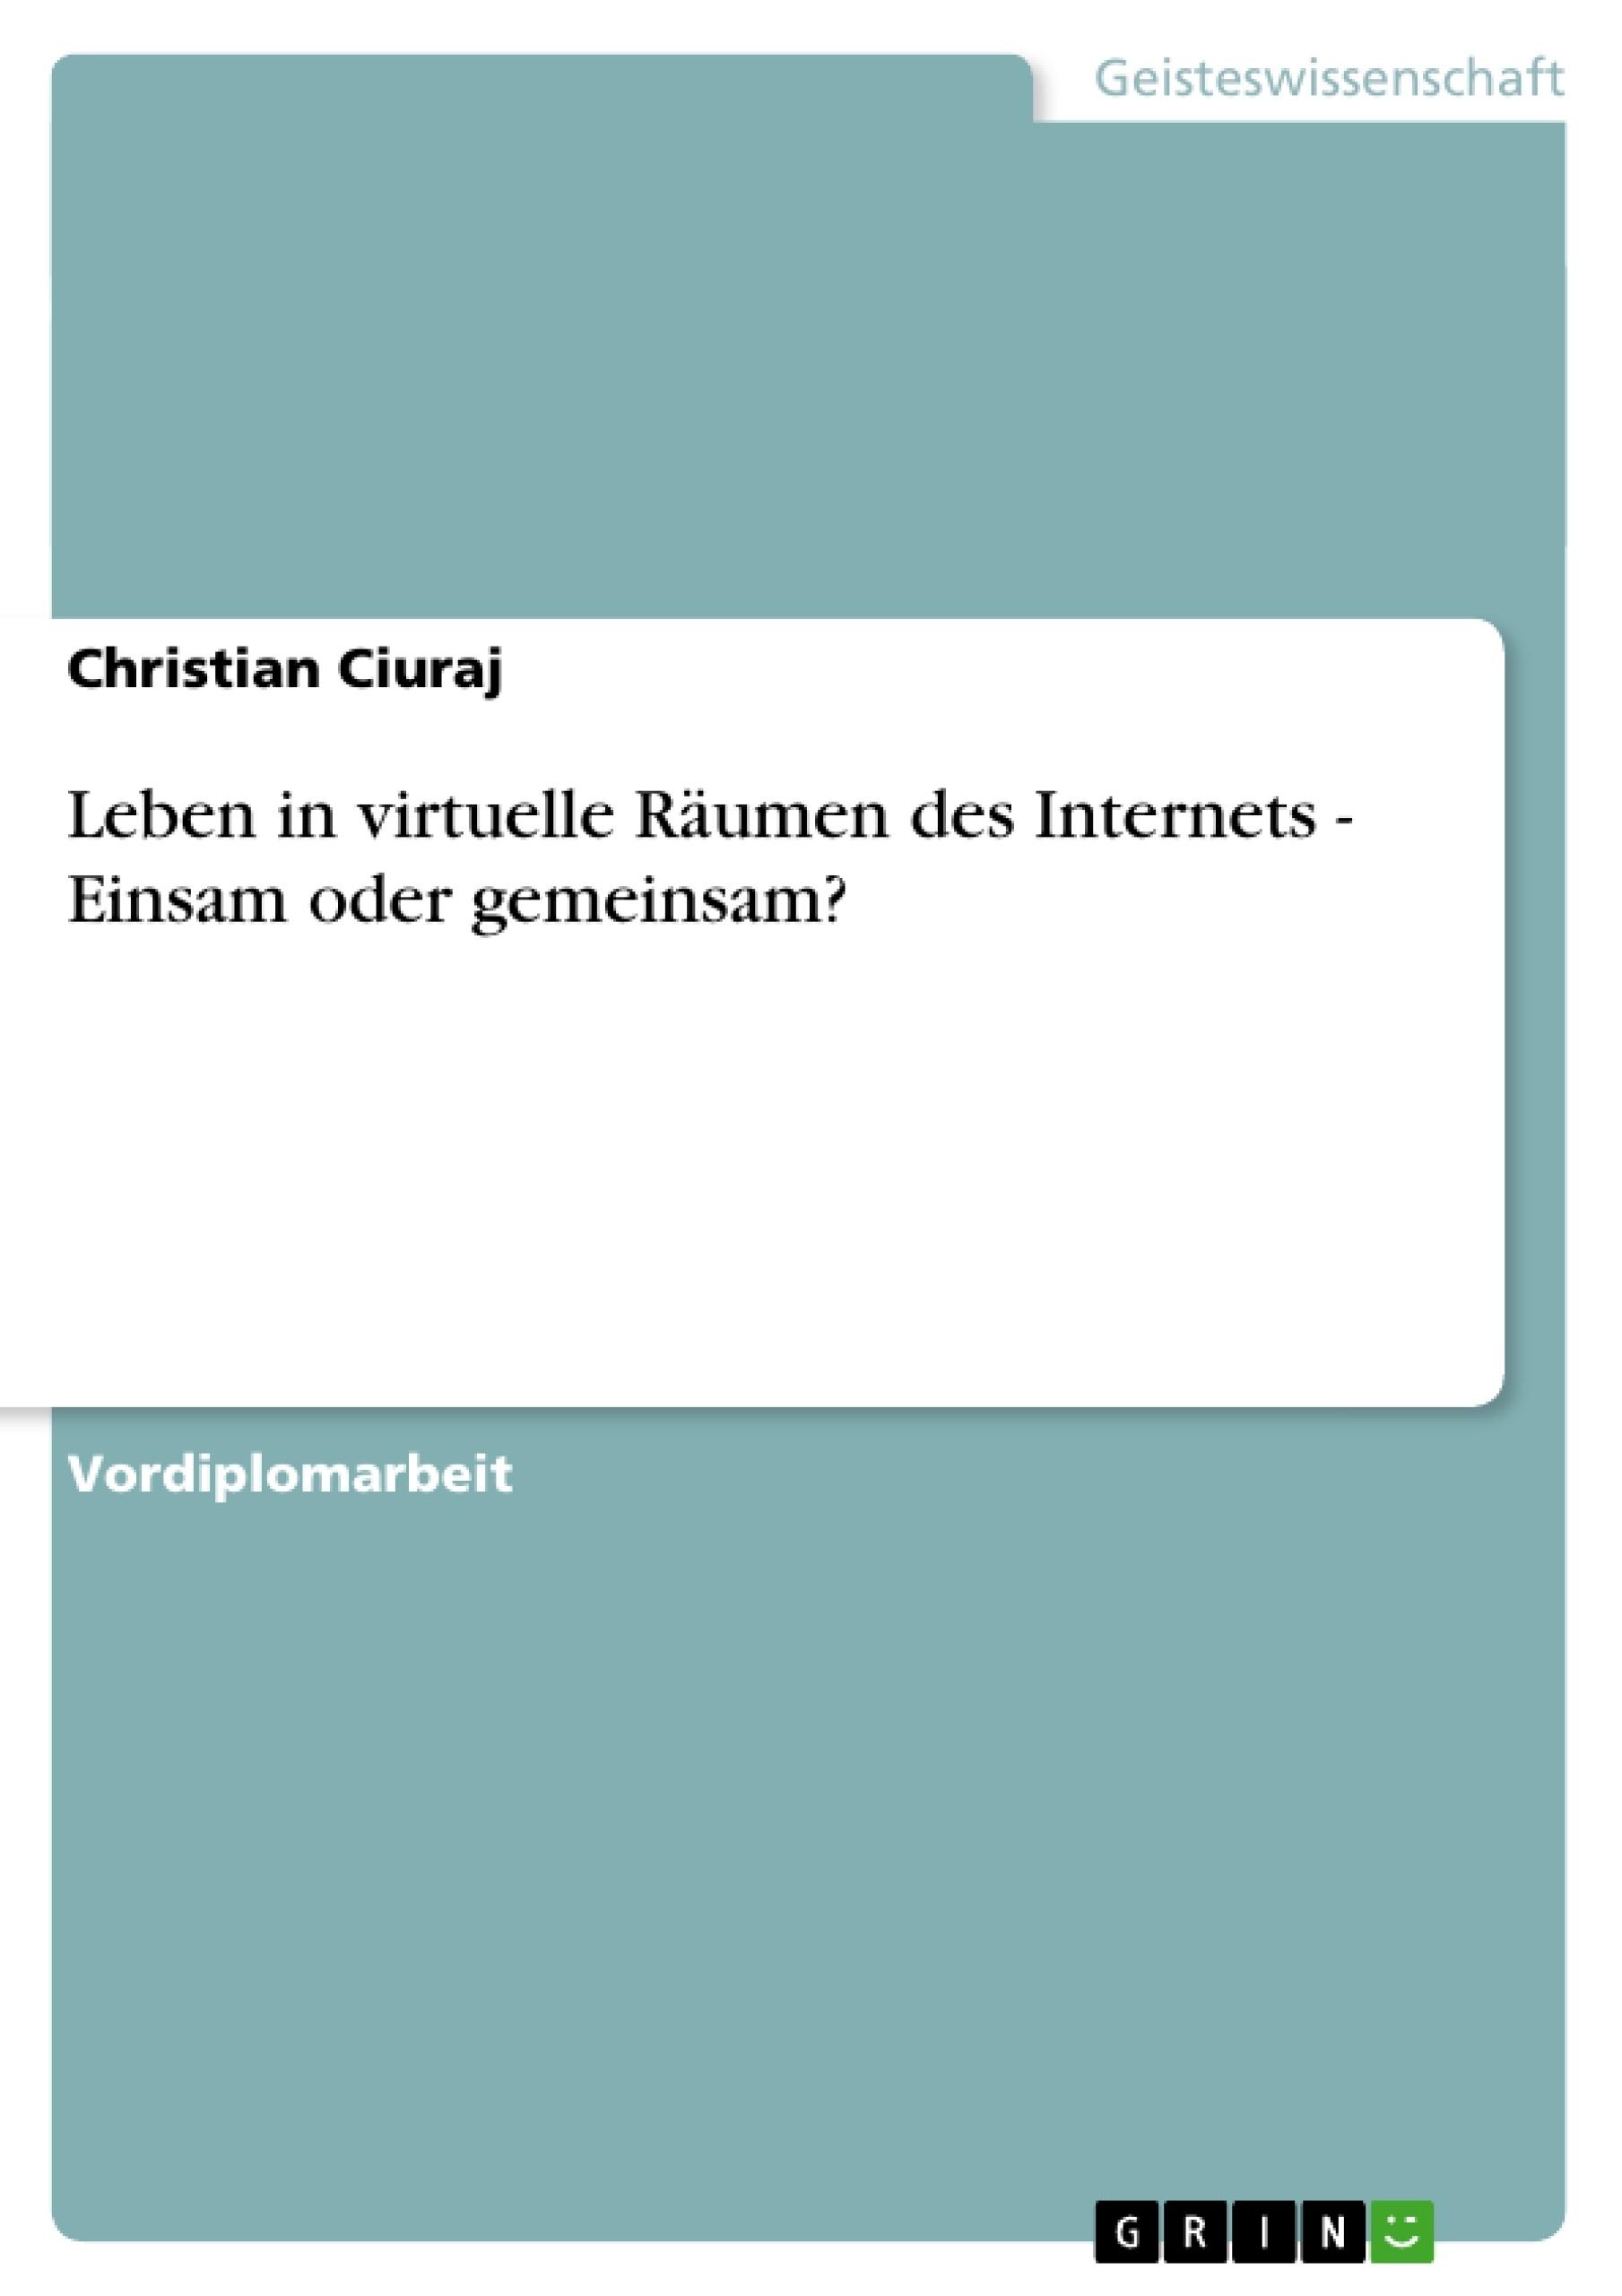 Titel: Leben in virtuelle Räumen des Internets - Einsam oder gemeinsam?